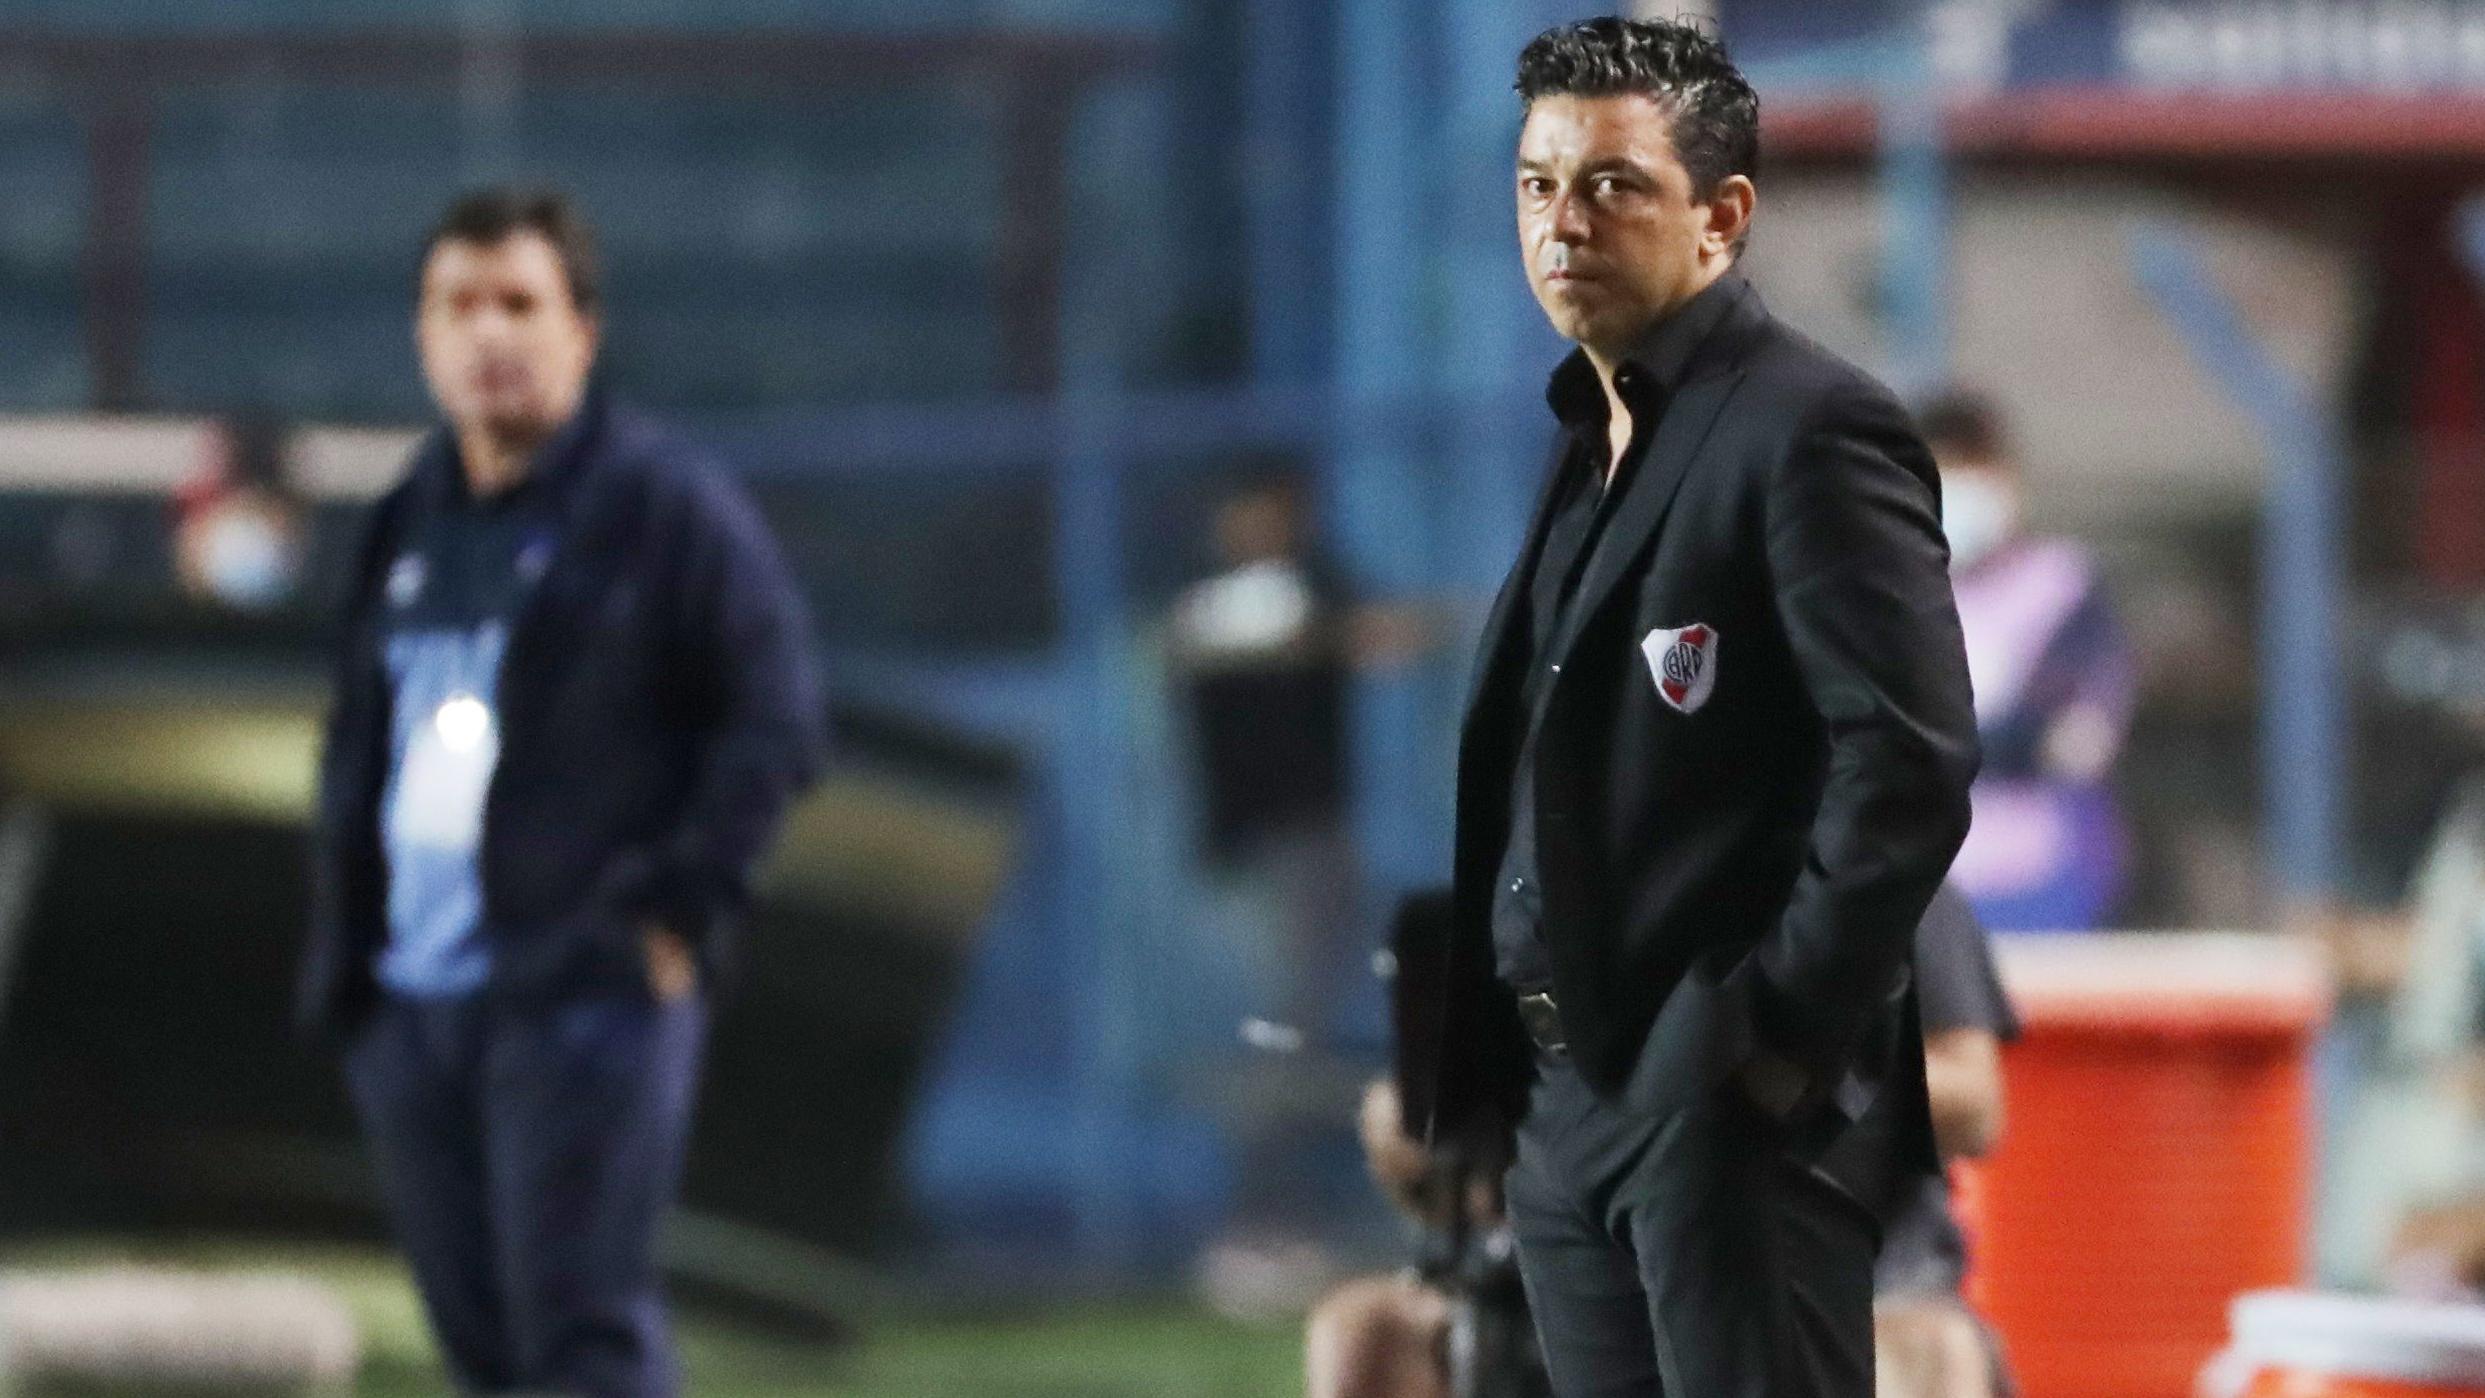 La Copa más difícil, el presente de Carrascal y el invicto Palmeiras: las 5  frases de Gallardo - Infobae